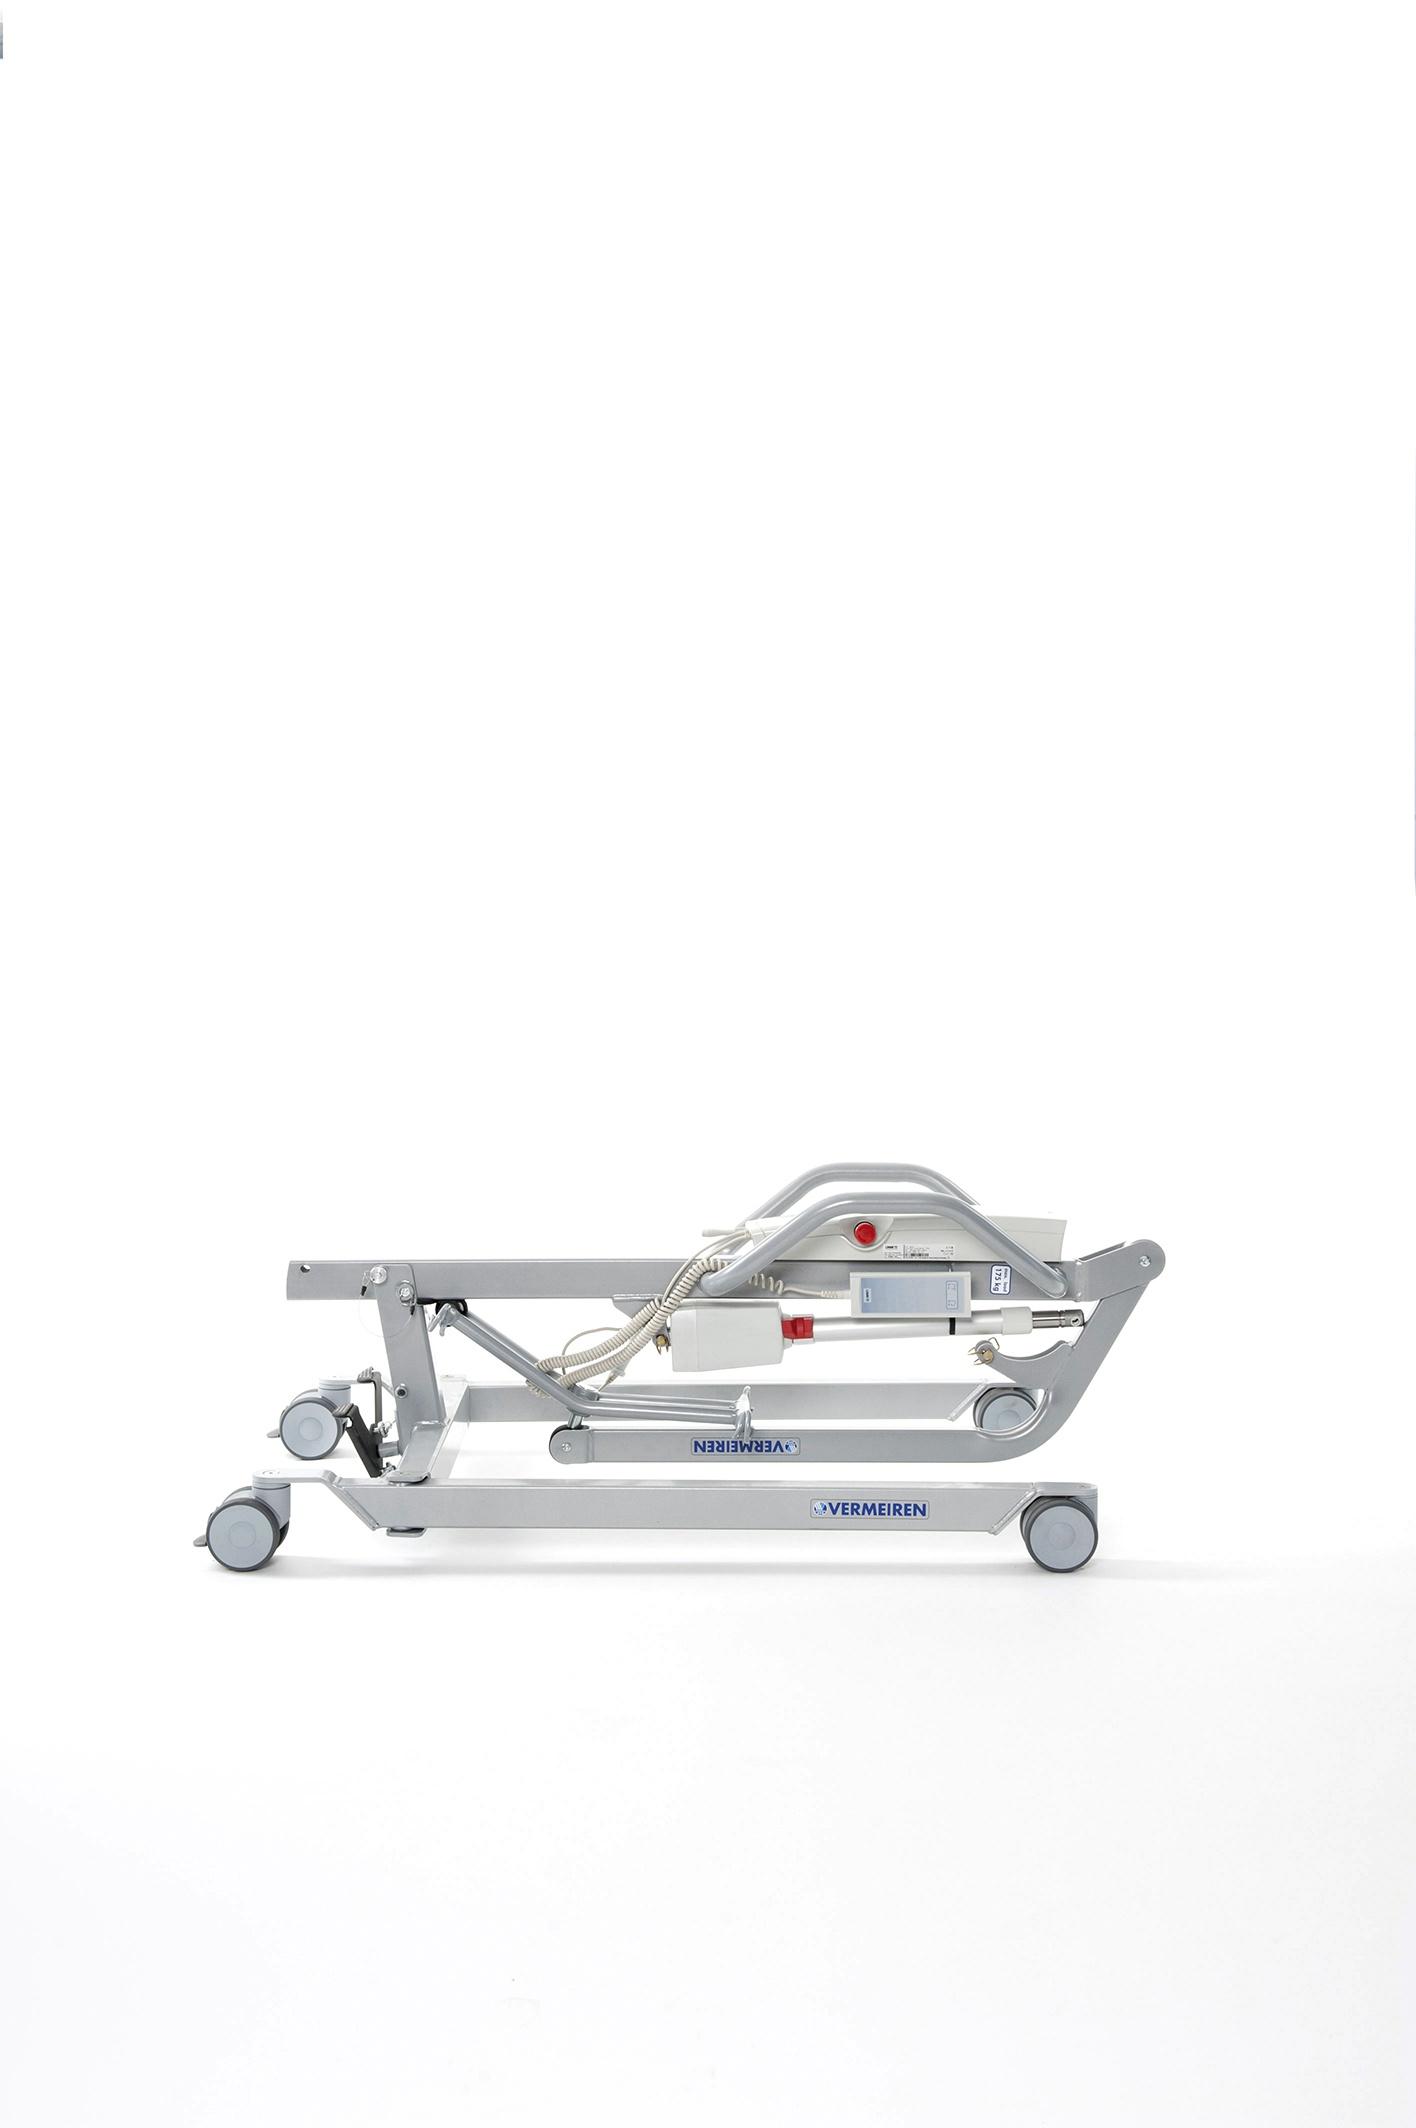 EAGLE 620 Podnośnik kąpielowo-transportowy do 150kg